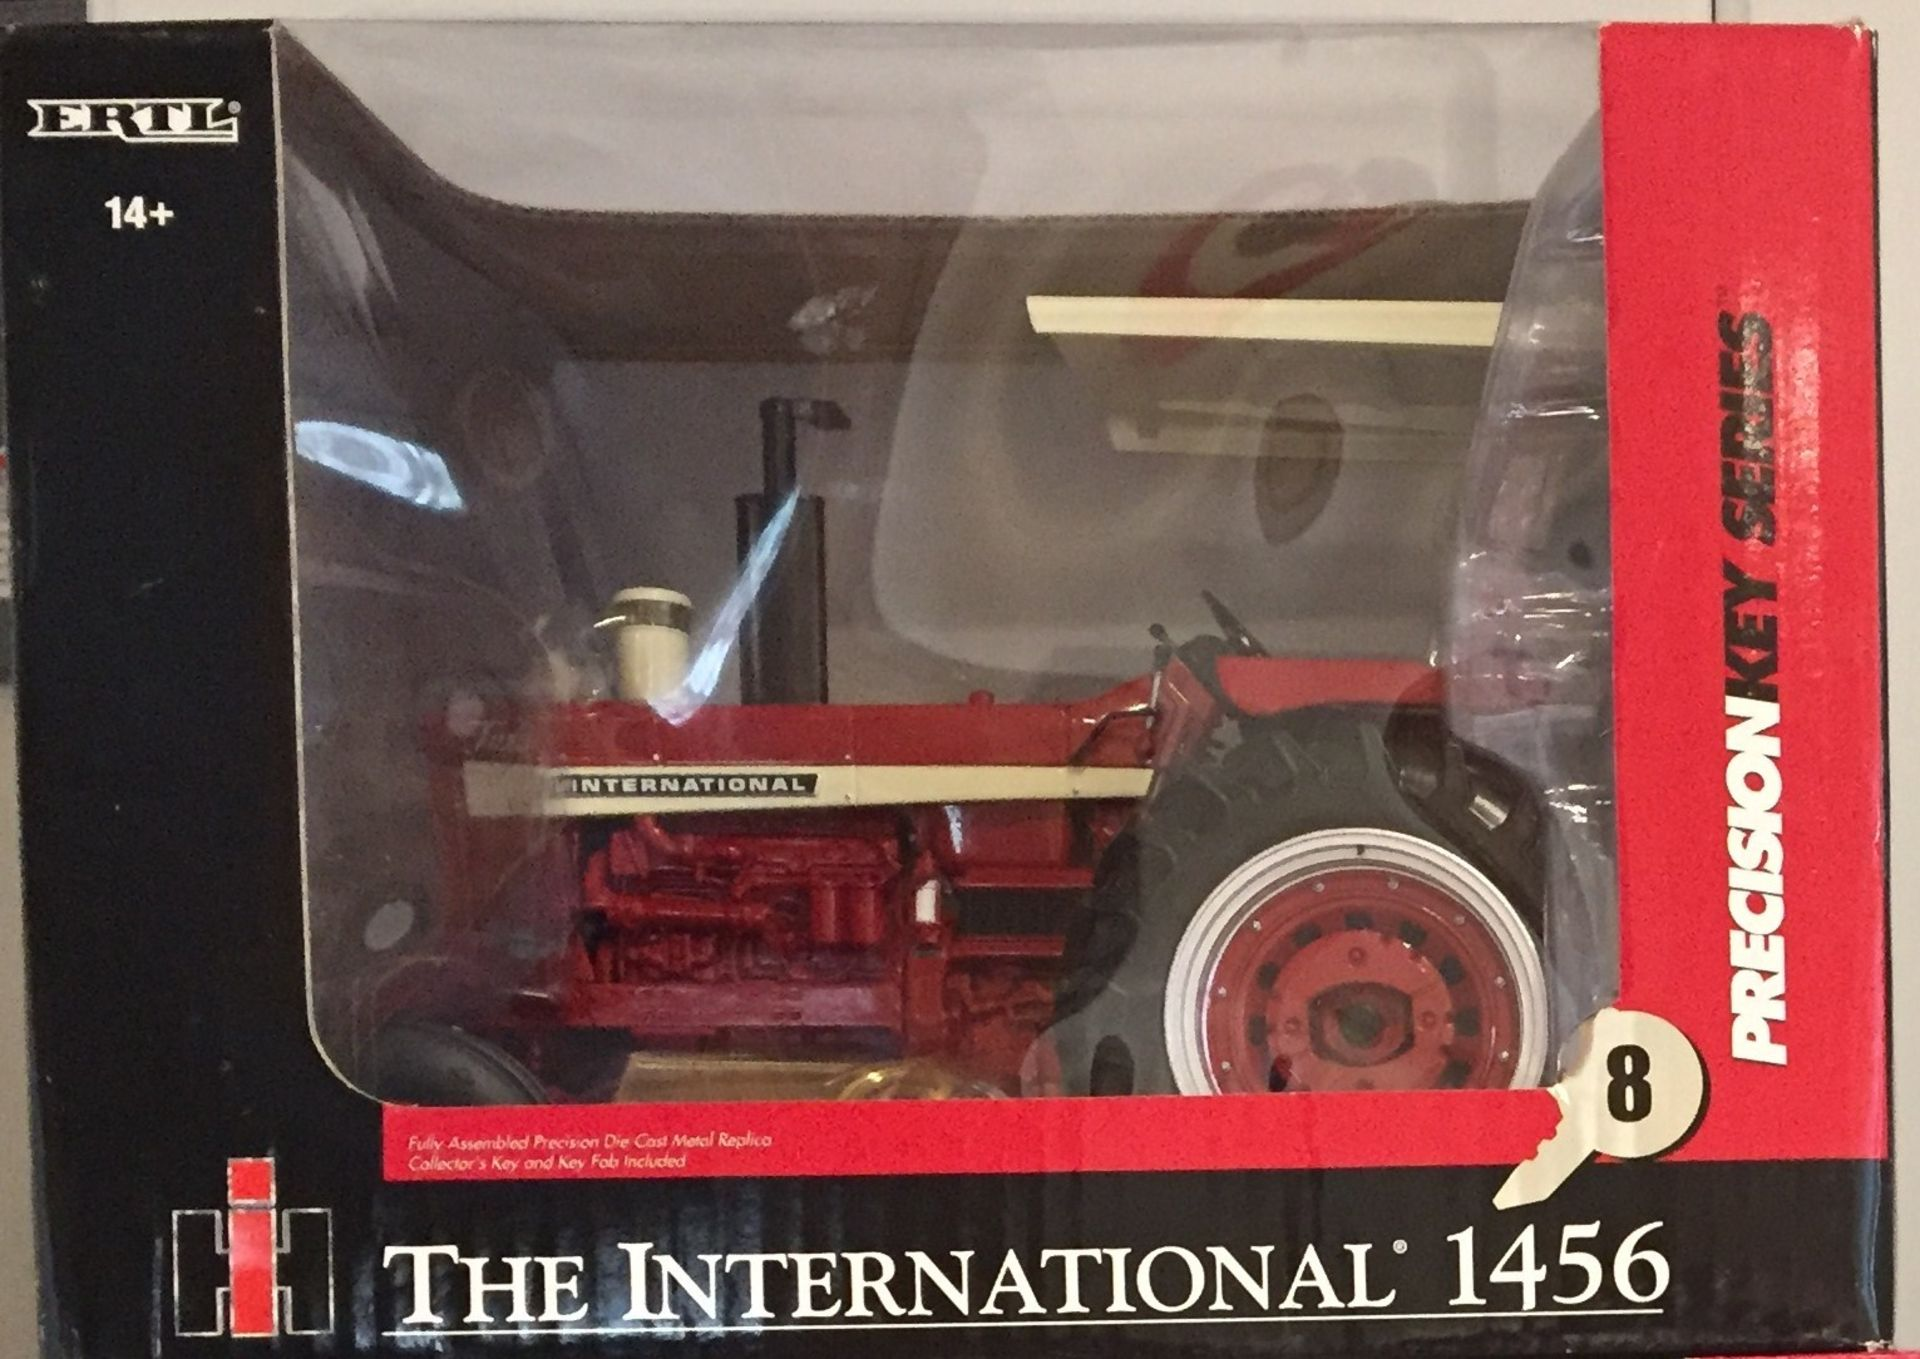 Lot 34 - I-H 1456 Precision Key Series #8 NIB